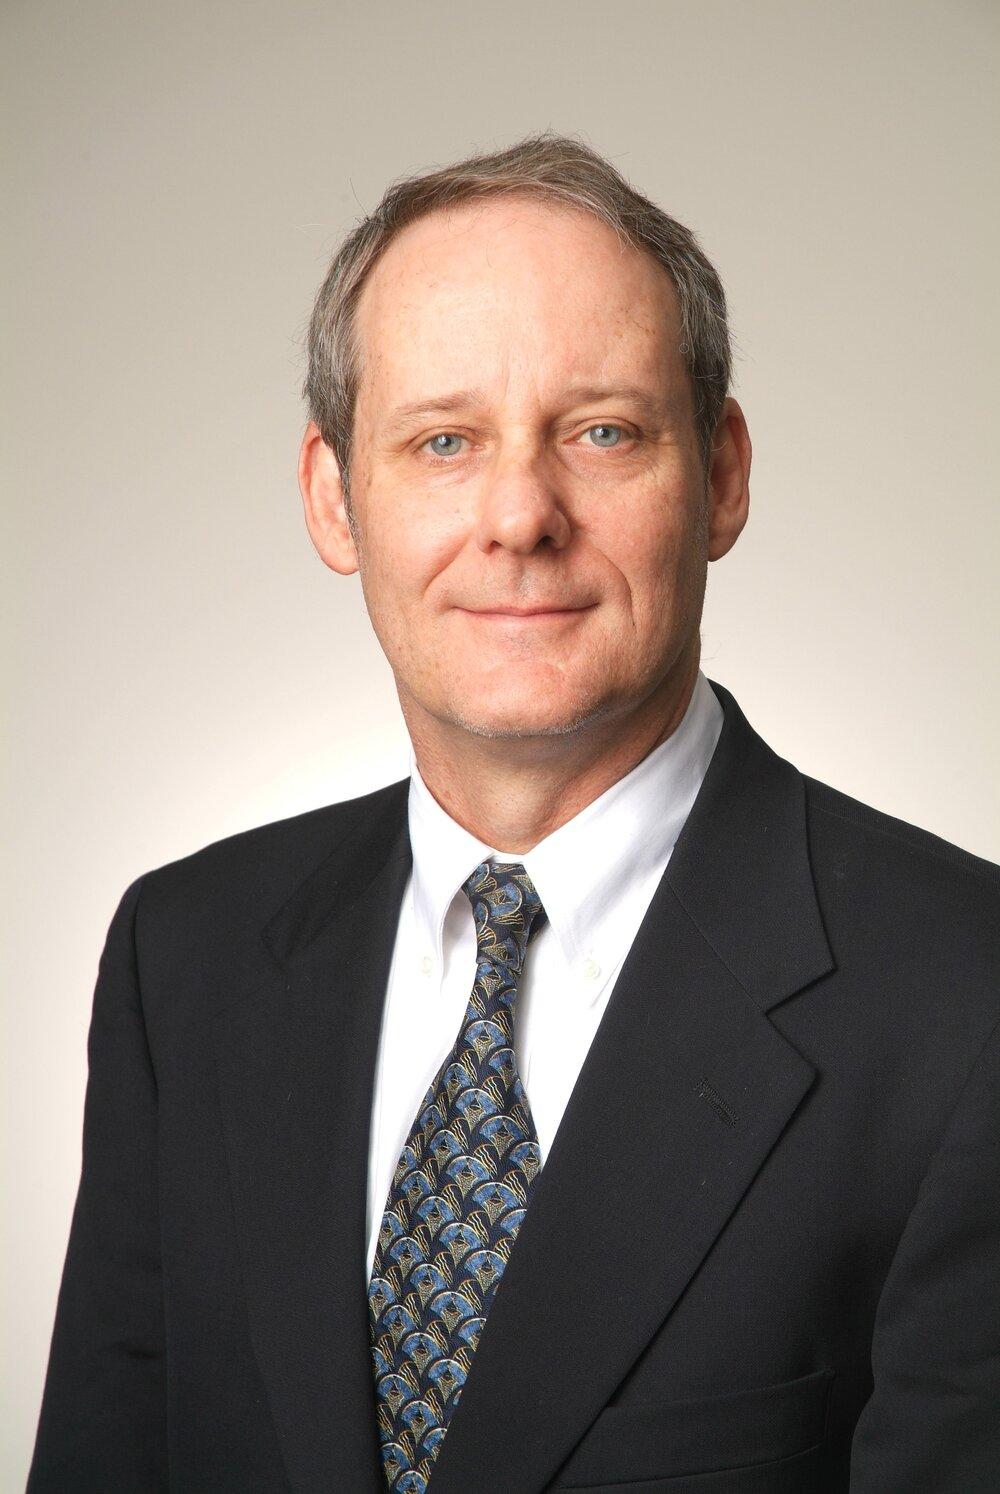 Matthew Reardon